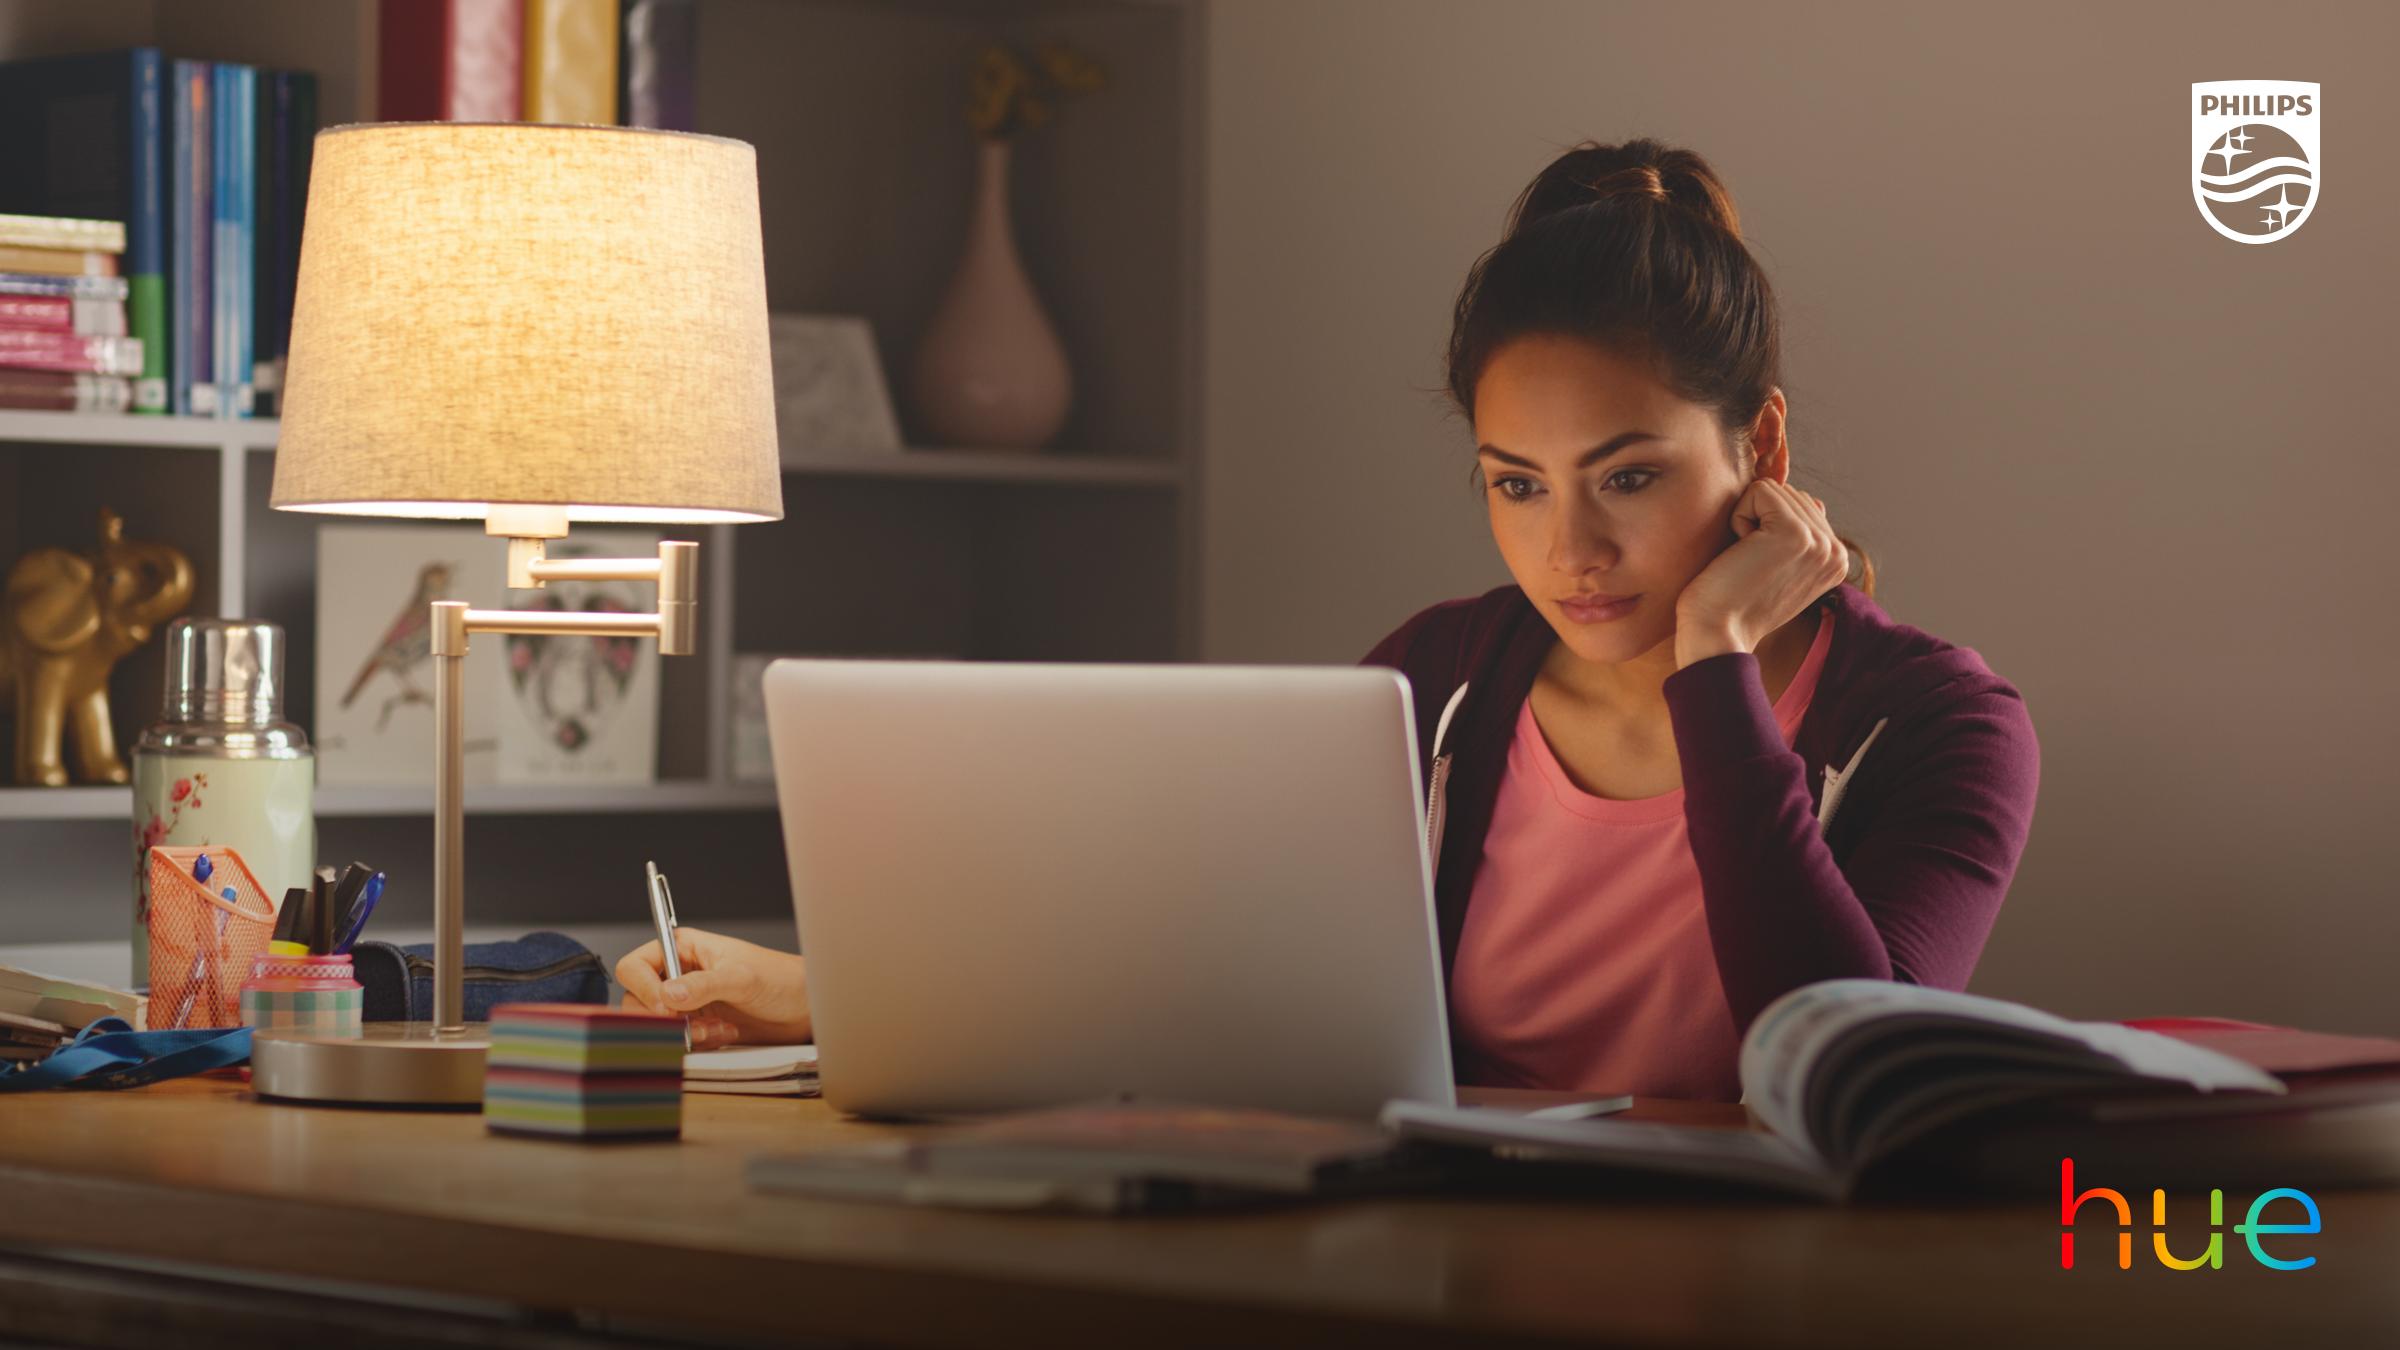 Ce lumină preferi cănd lucrezi de acasă?